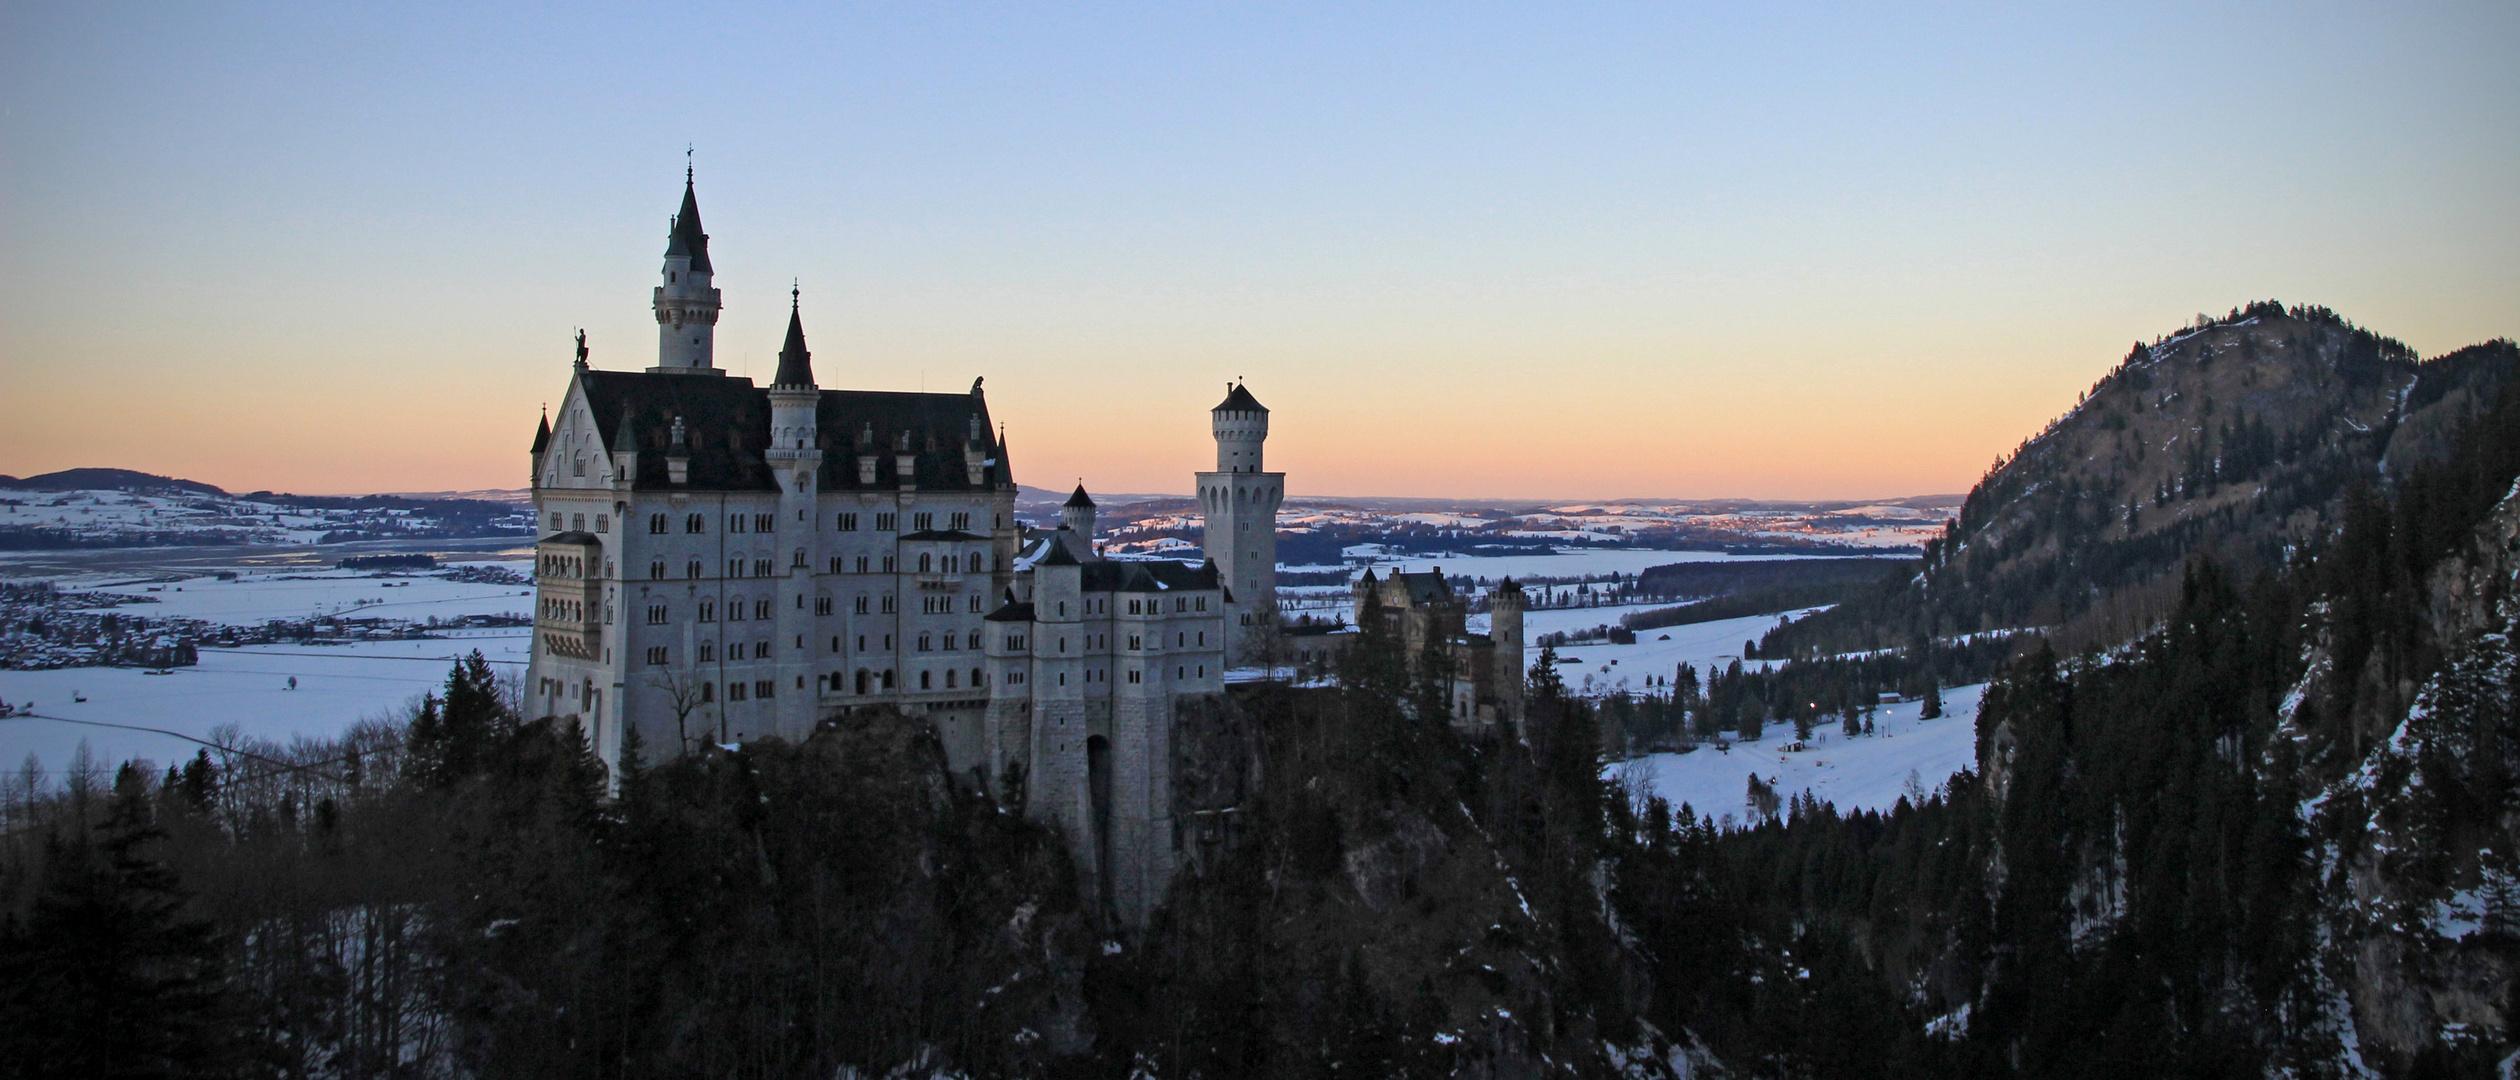 Neuschwanstein Castle, Schloss Neuschwanstein, sunset, Abend, Sonnenuntergang